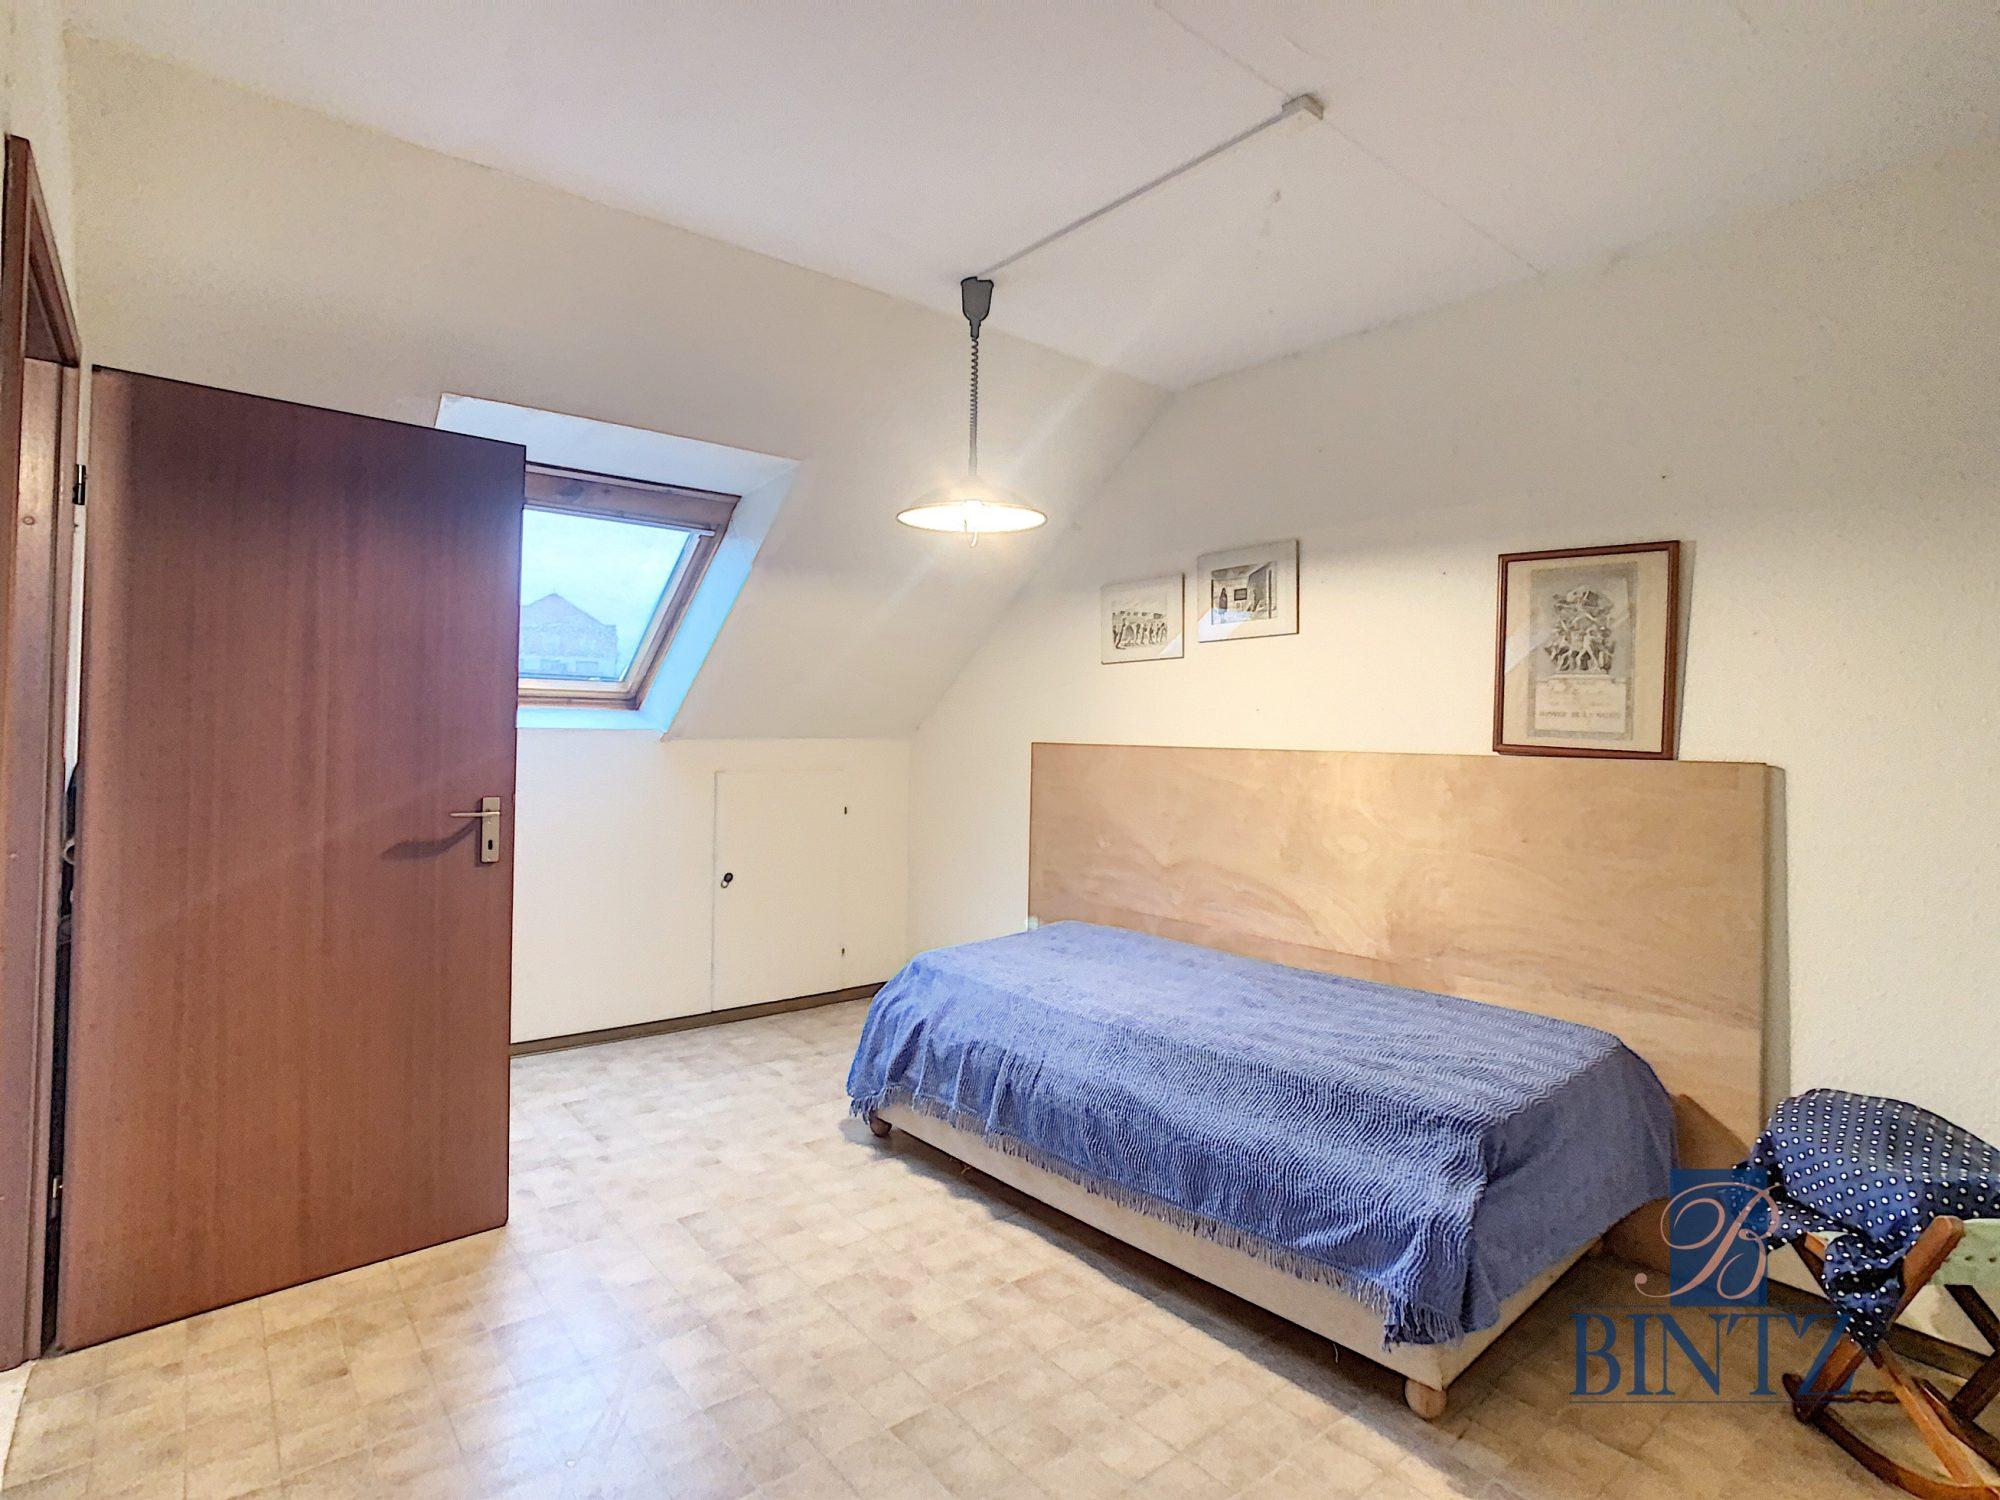 Maison 6 pièces de 157m2 à Strasbourg - Devenez propriétaire en toute confiance - Bintz Immobilier - 8